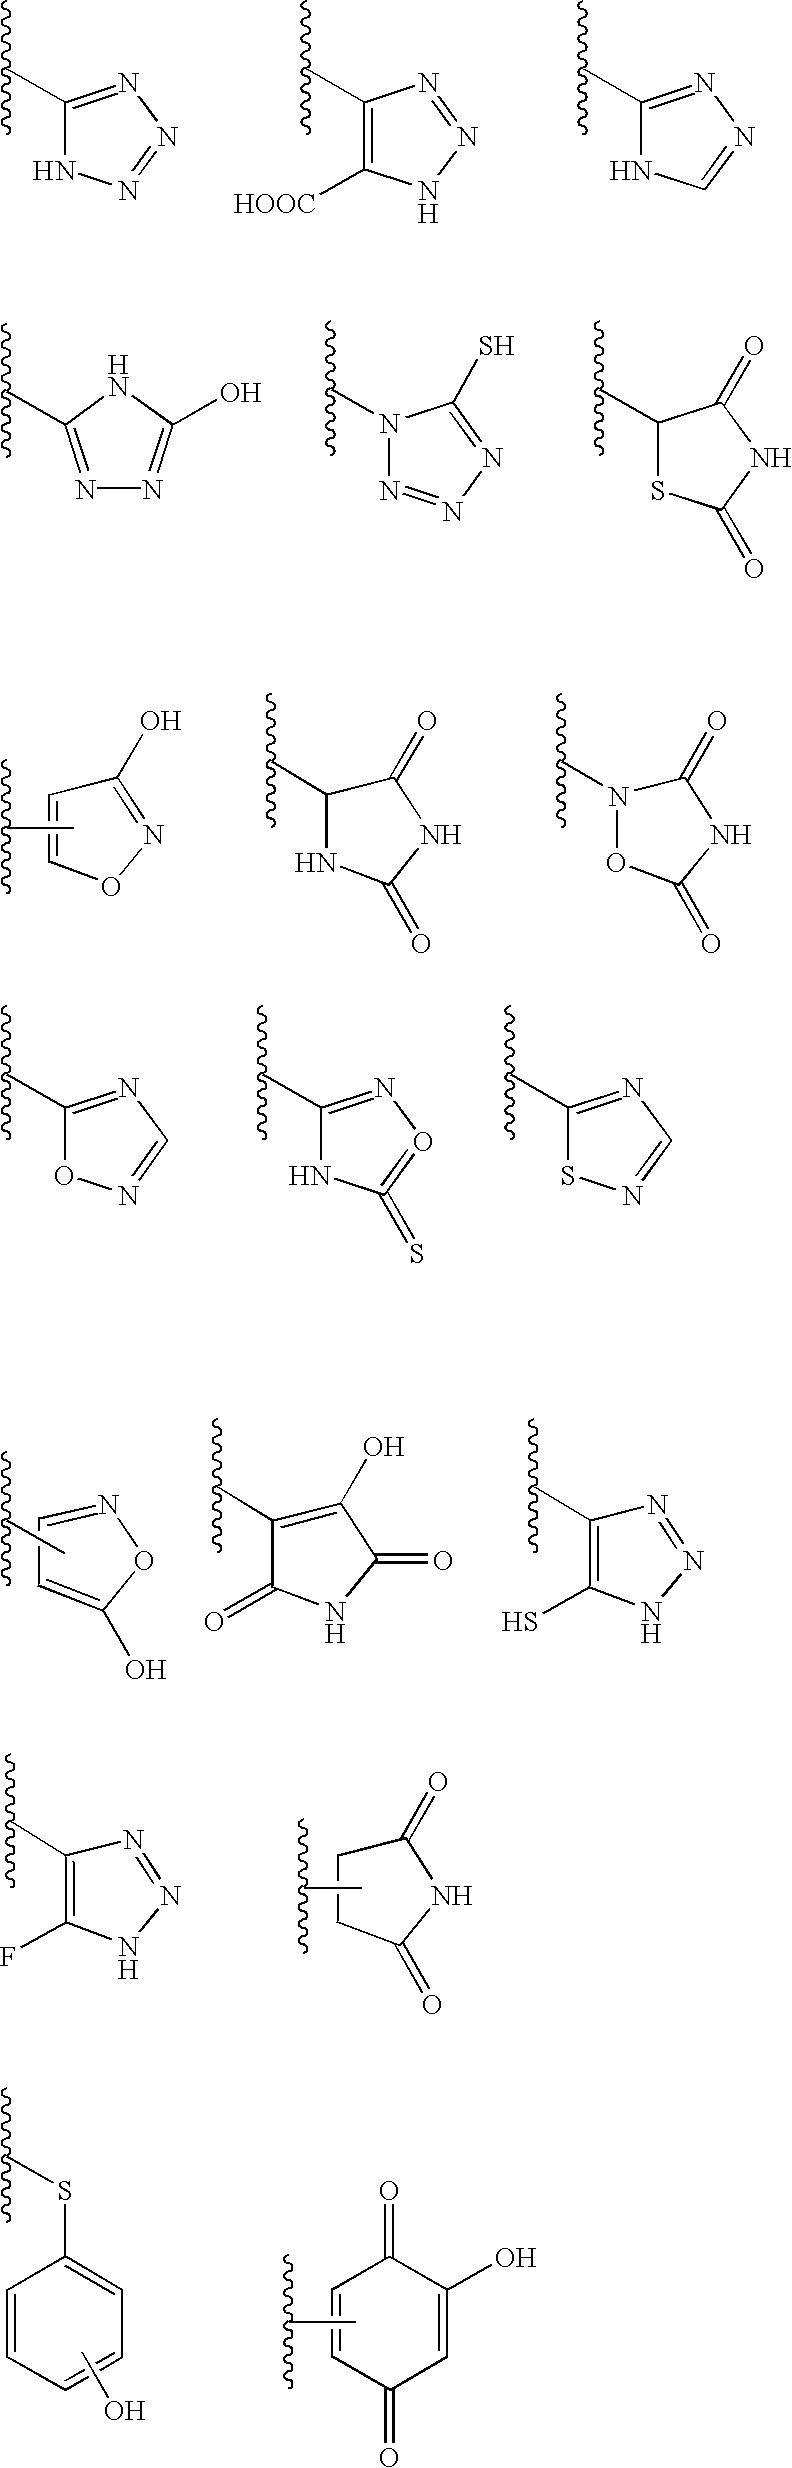 Figure US20030203890A1-20031030-C00258